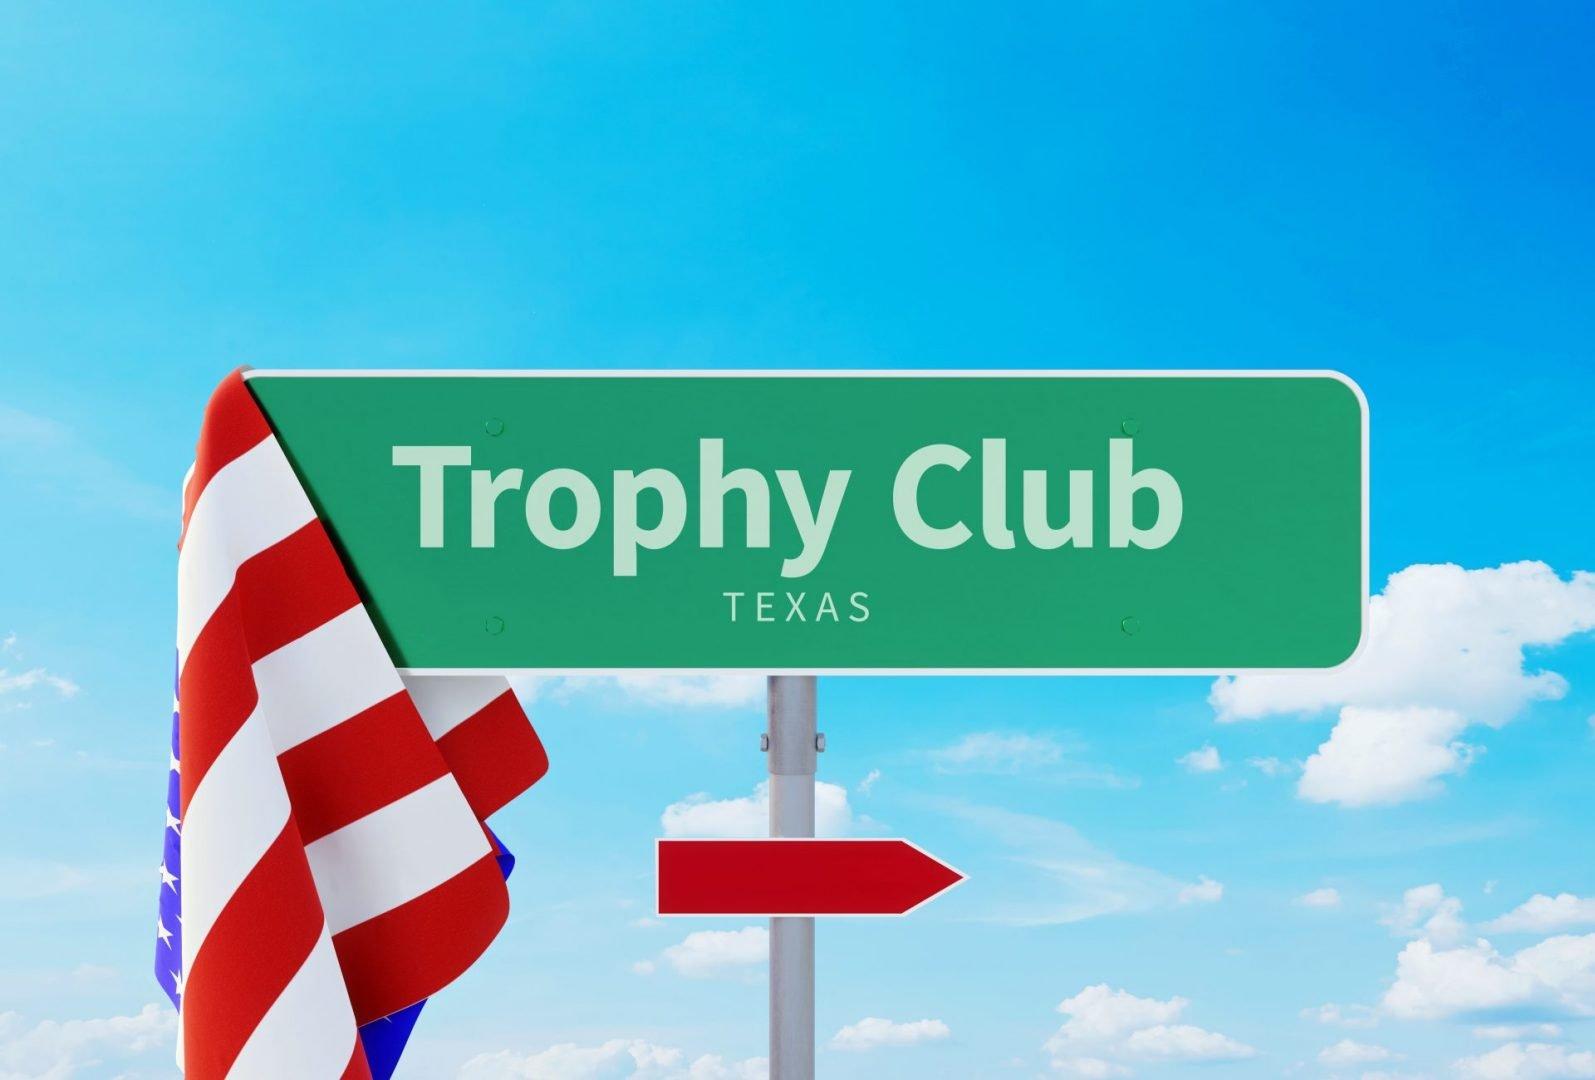 trophy club pc repair near me